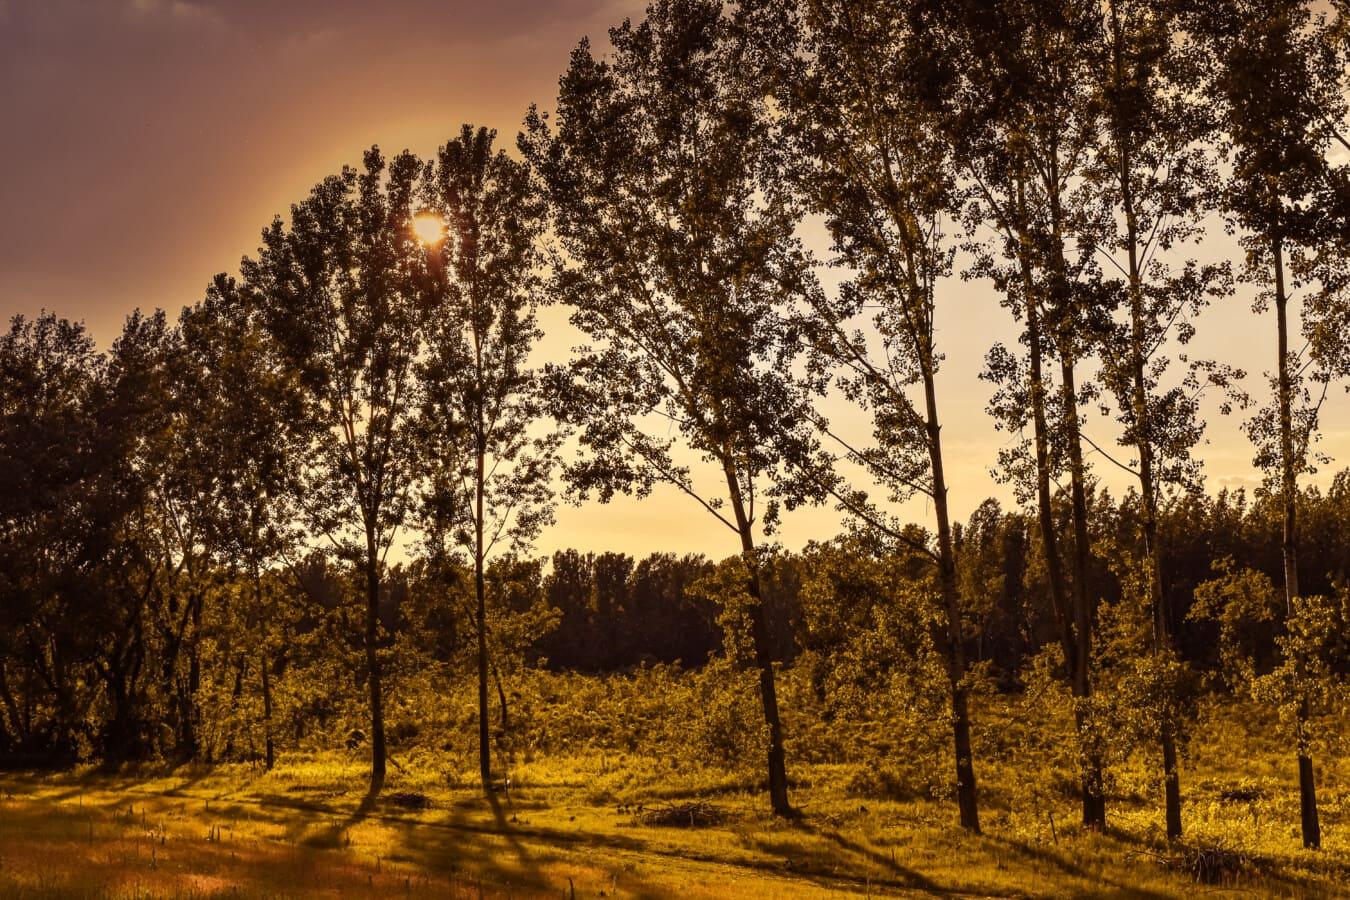 Wald, Sonnenuntergang, Pappel, 'Nabend, Sonnenlicht, Bäume, Sonne, Natur, Dämmerung, Holz